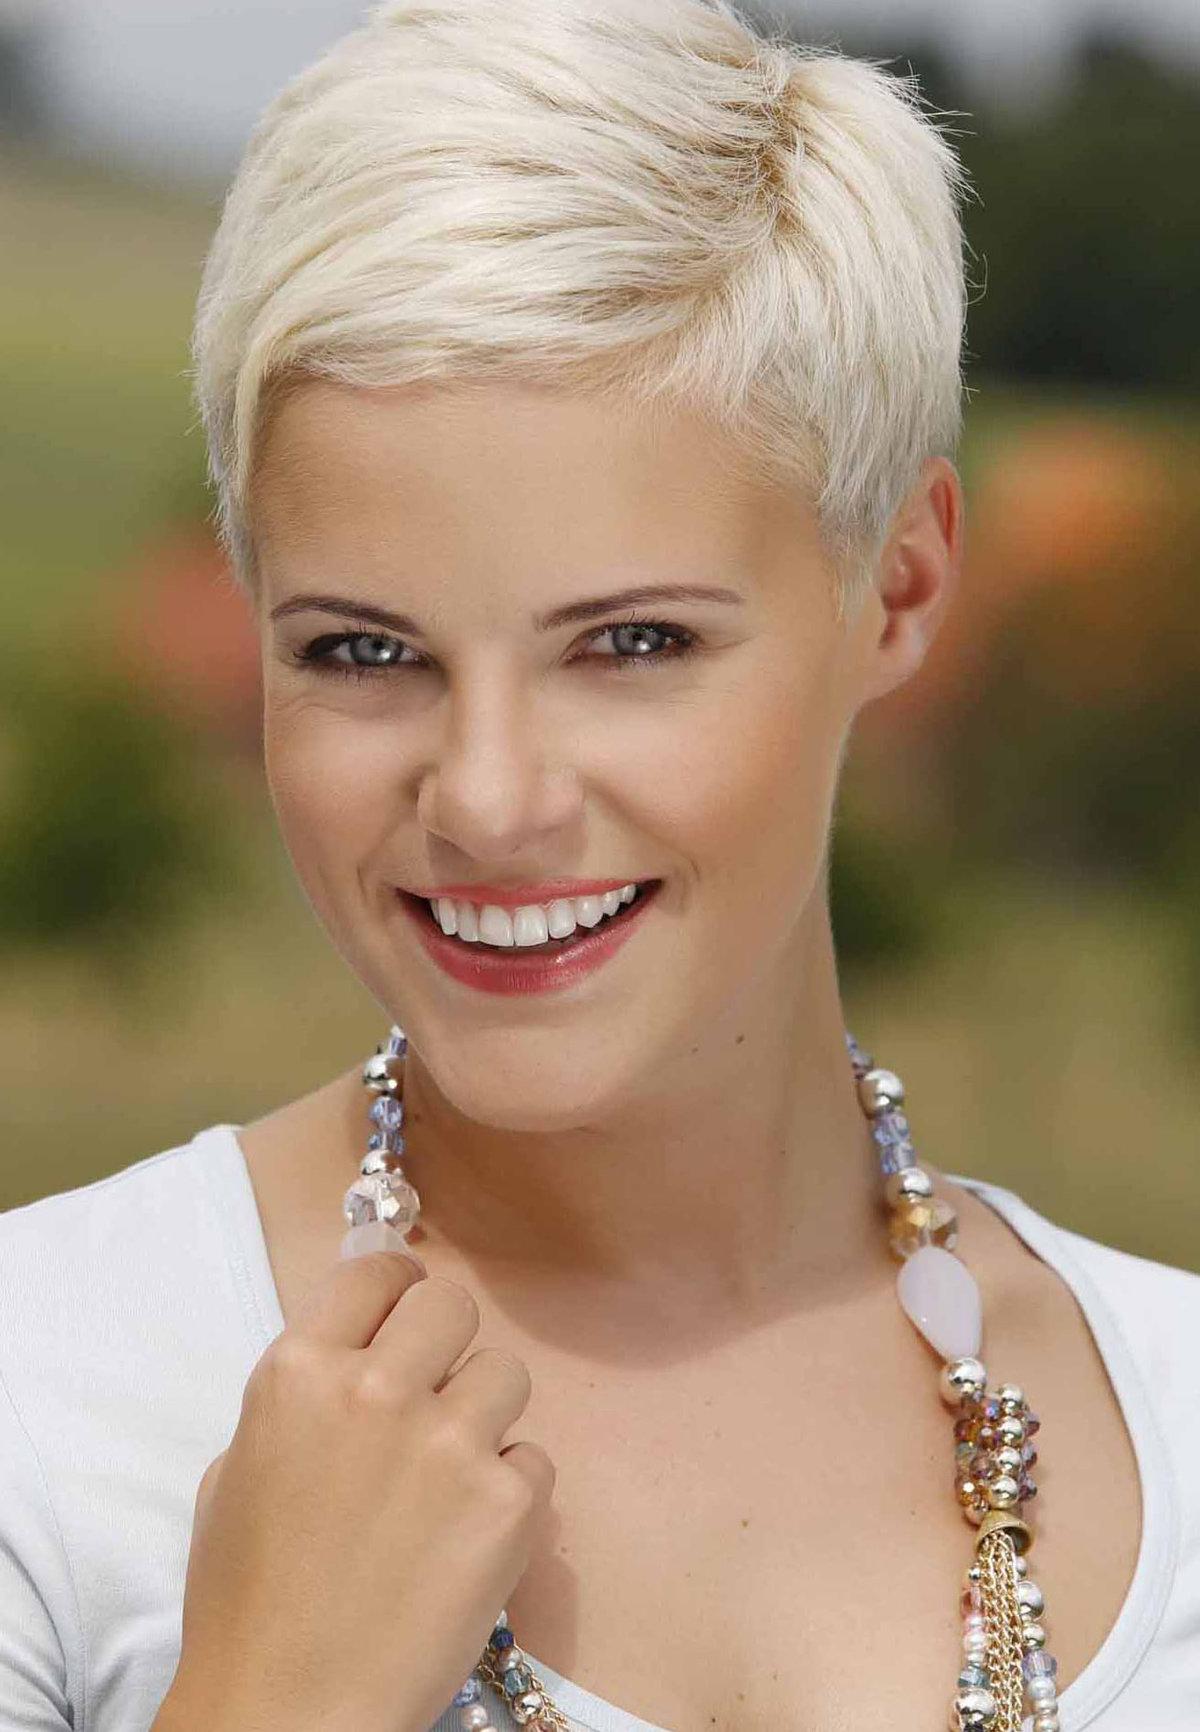 Фото коротких стрижек для женщин до 30 лет